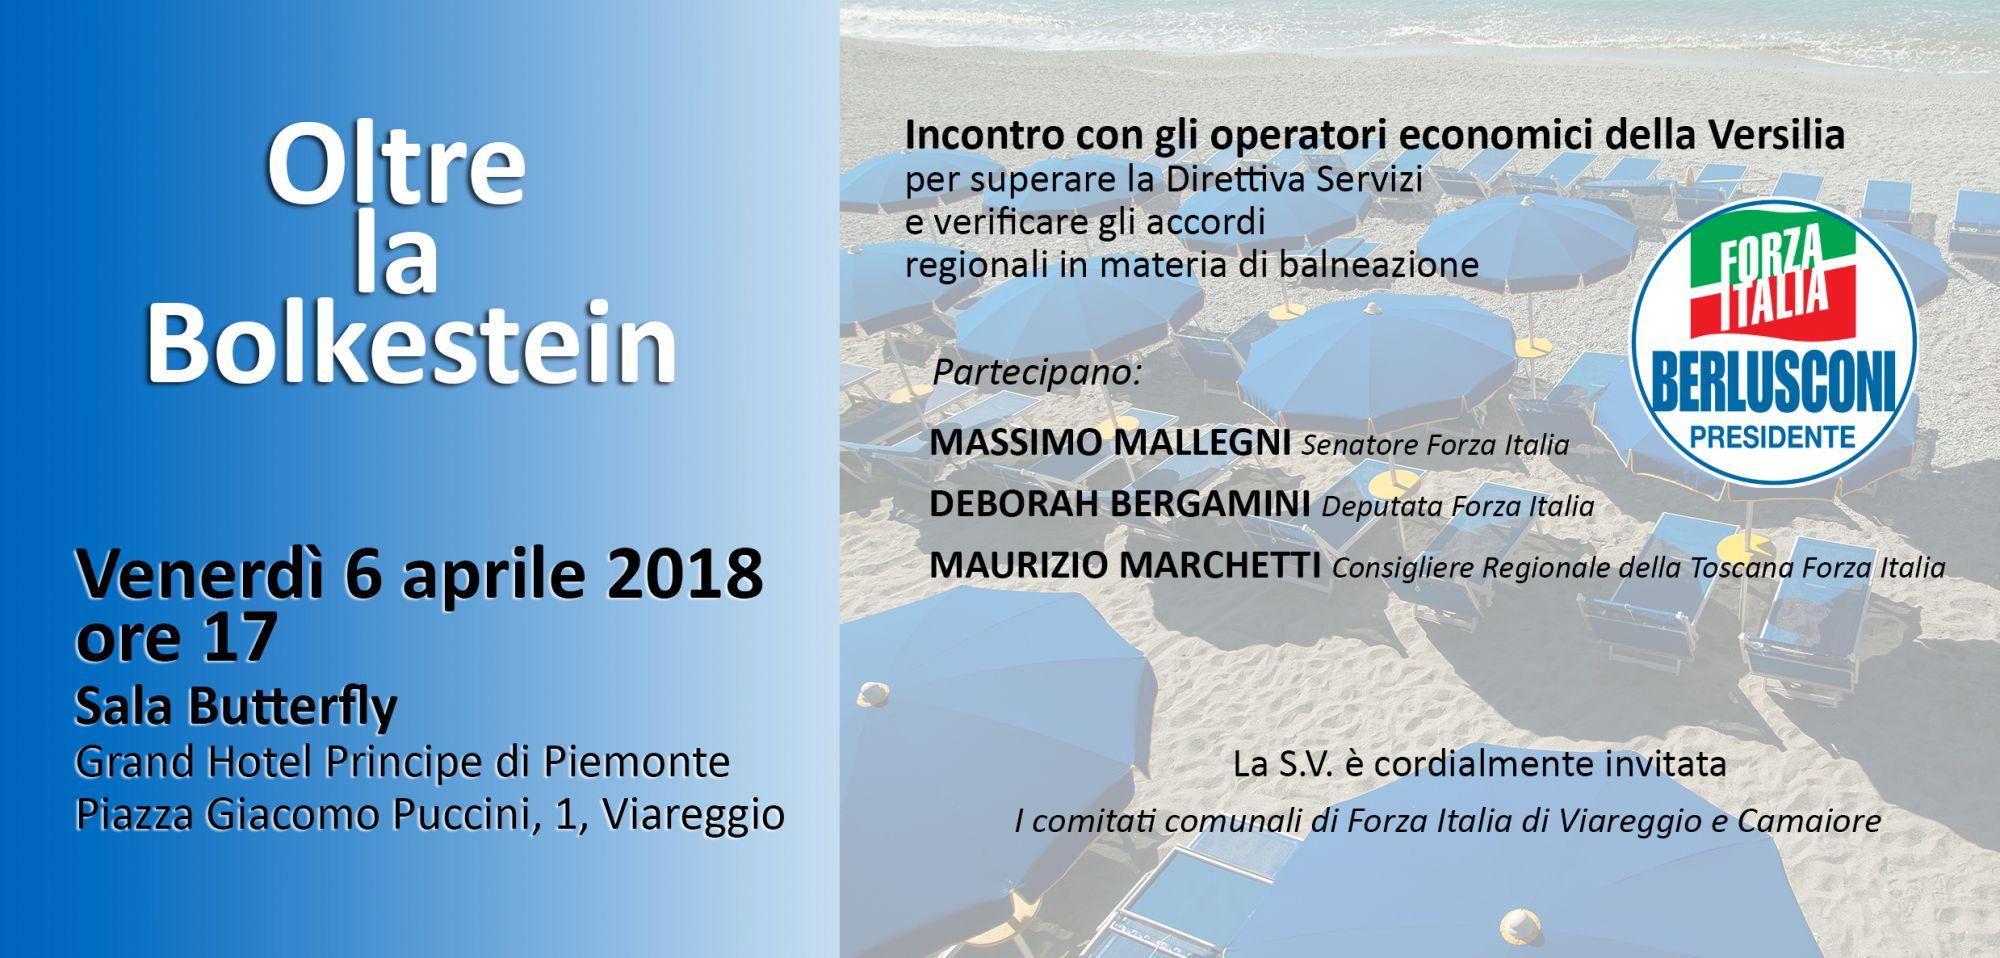 Un incontro su Bolkestein e balneazione con i parlamentari di Forza Italia